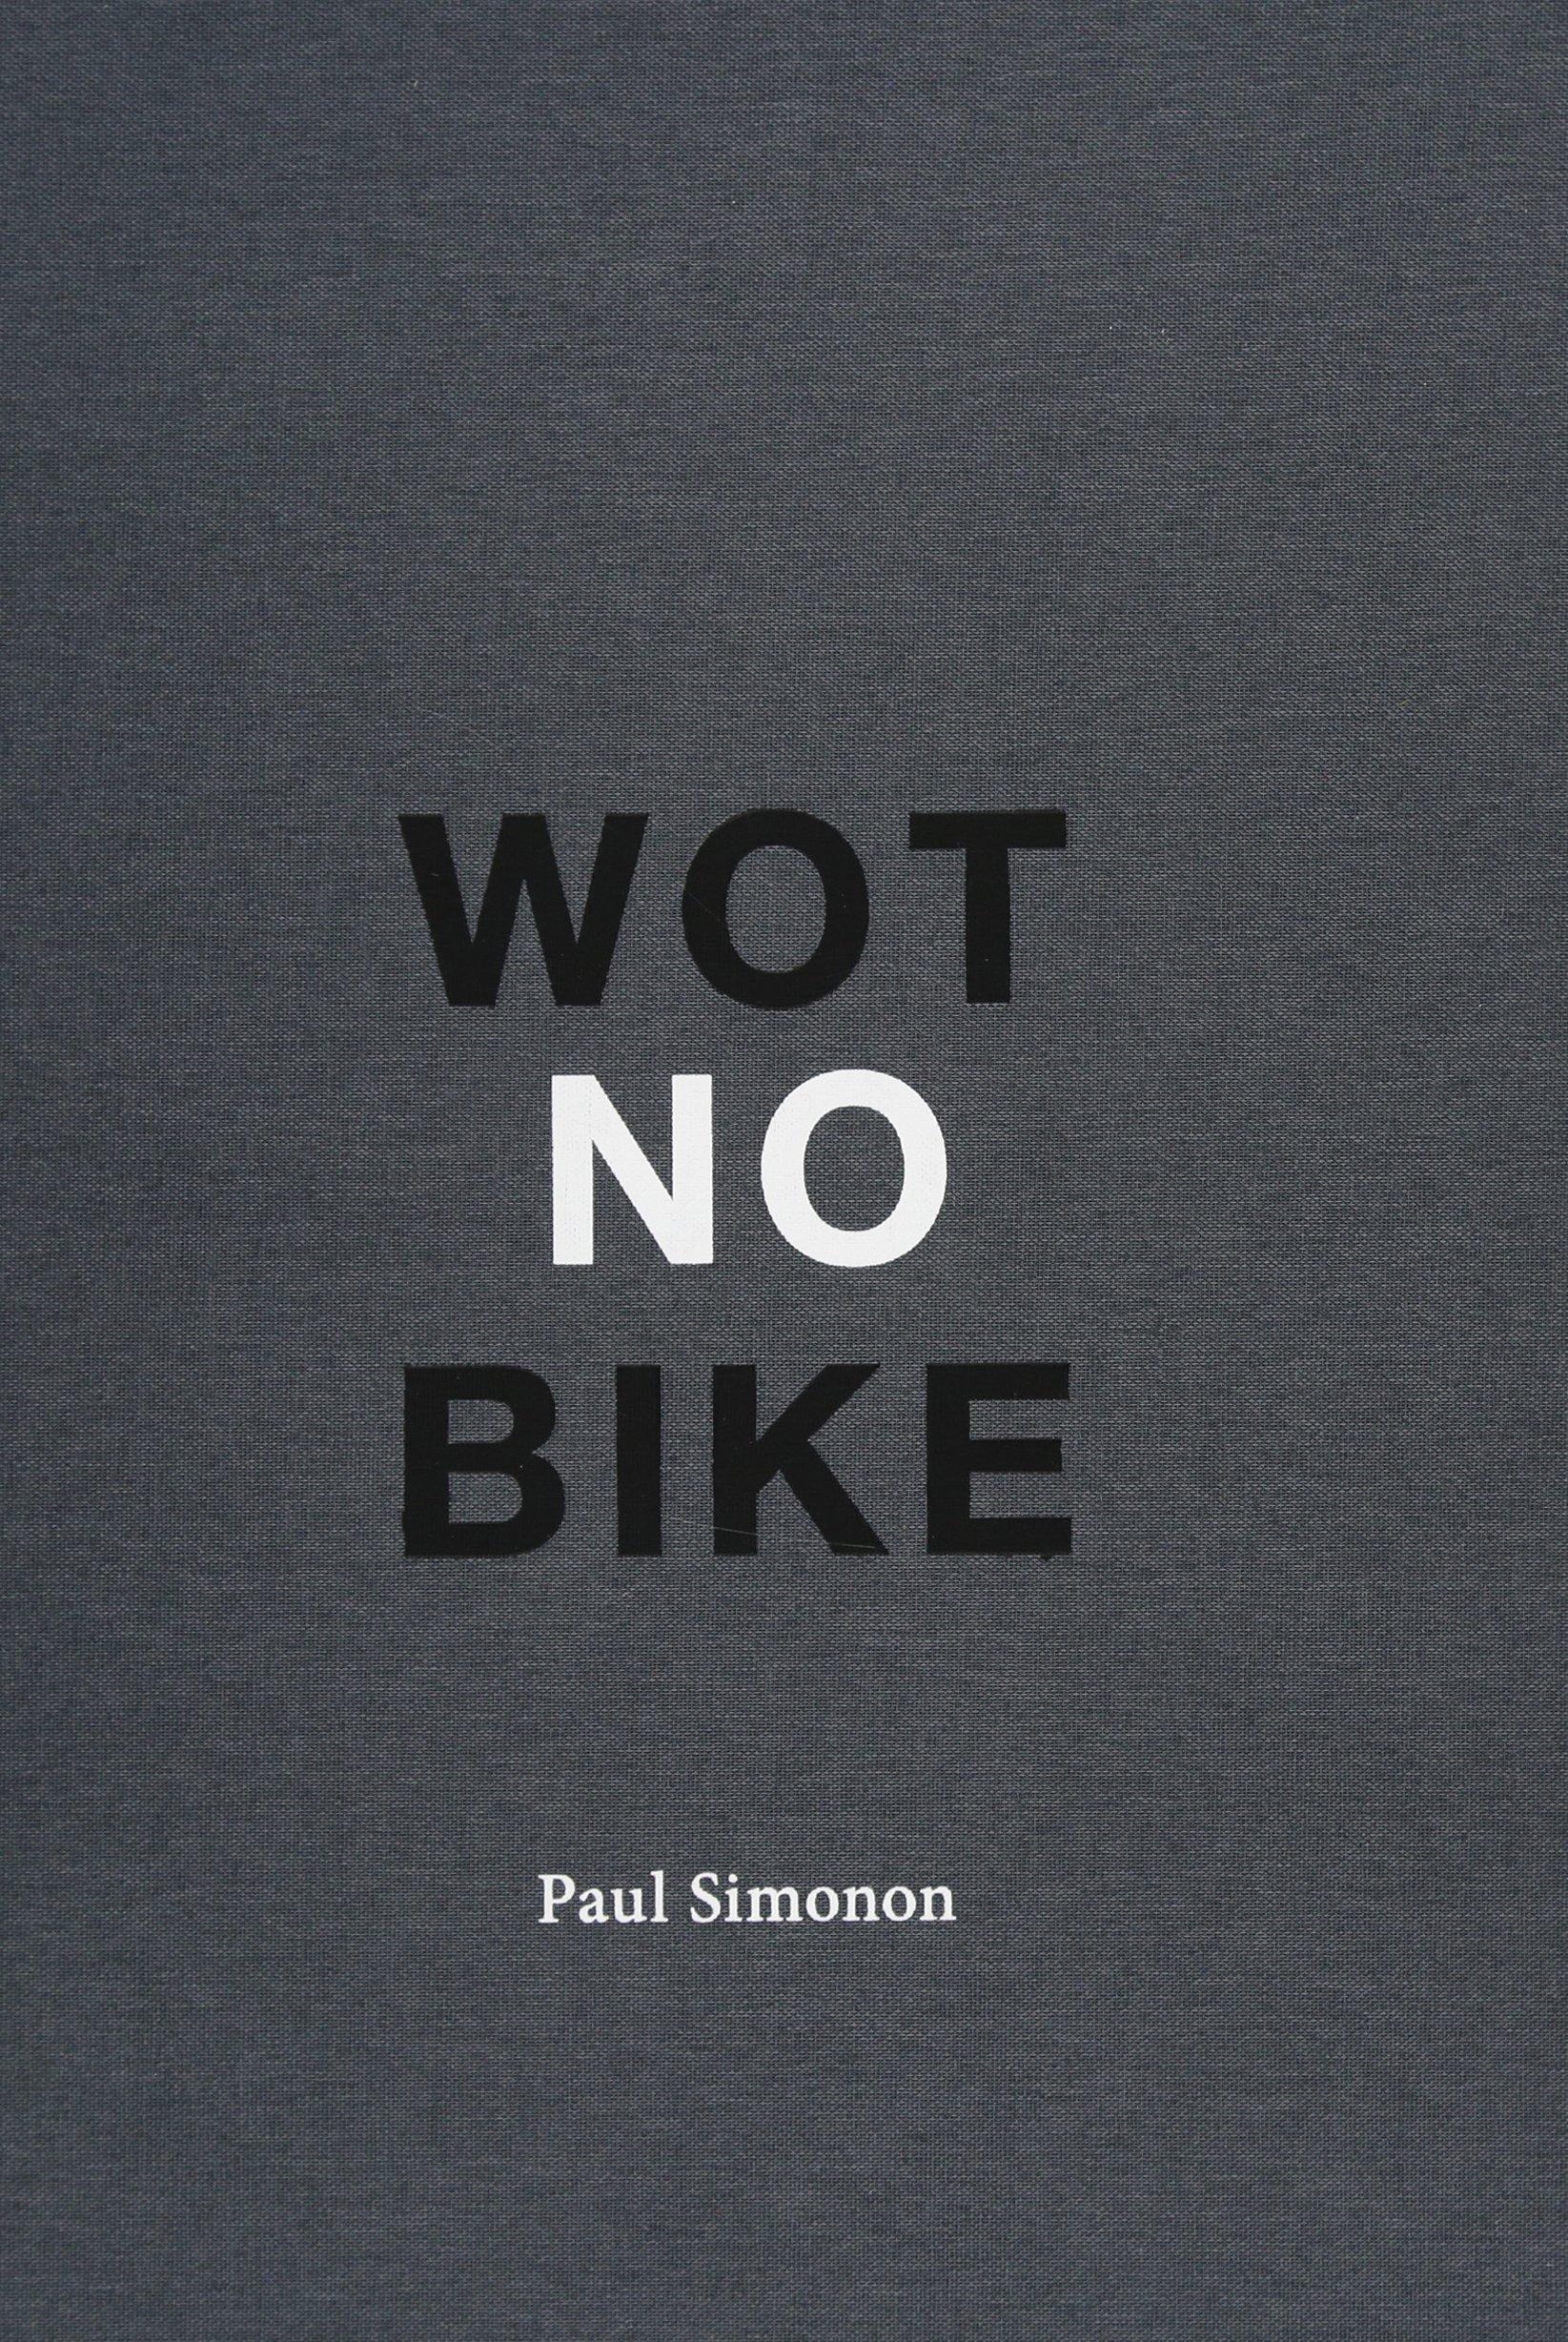 Read Online Paul Simonon - Wot No Bike ebook